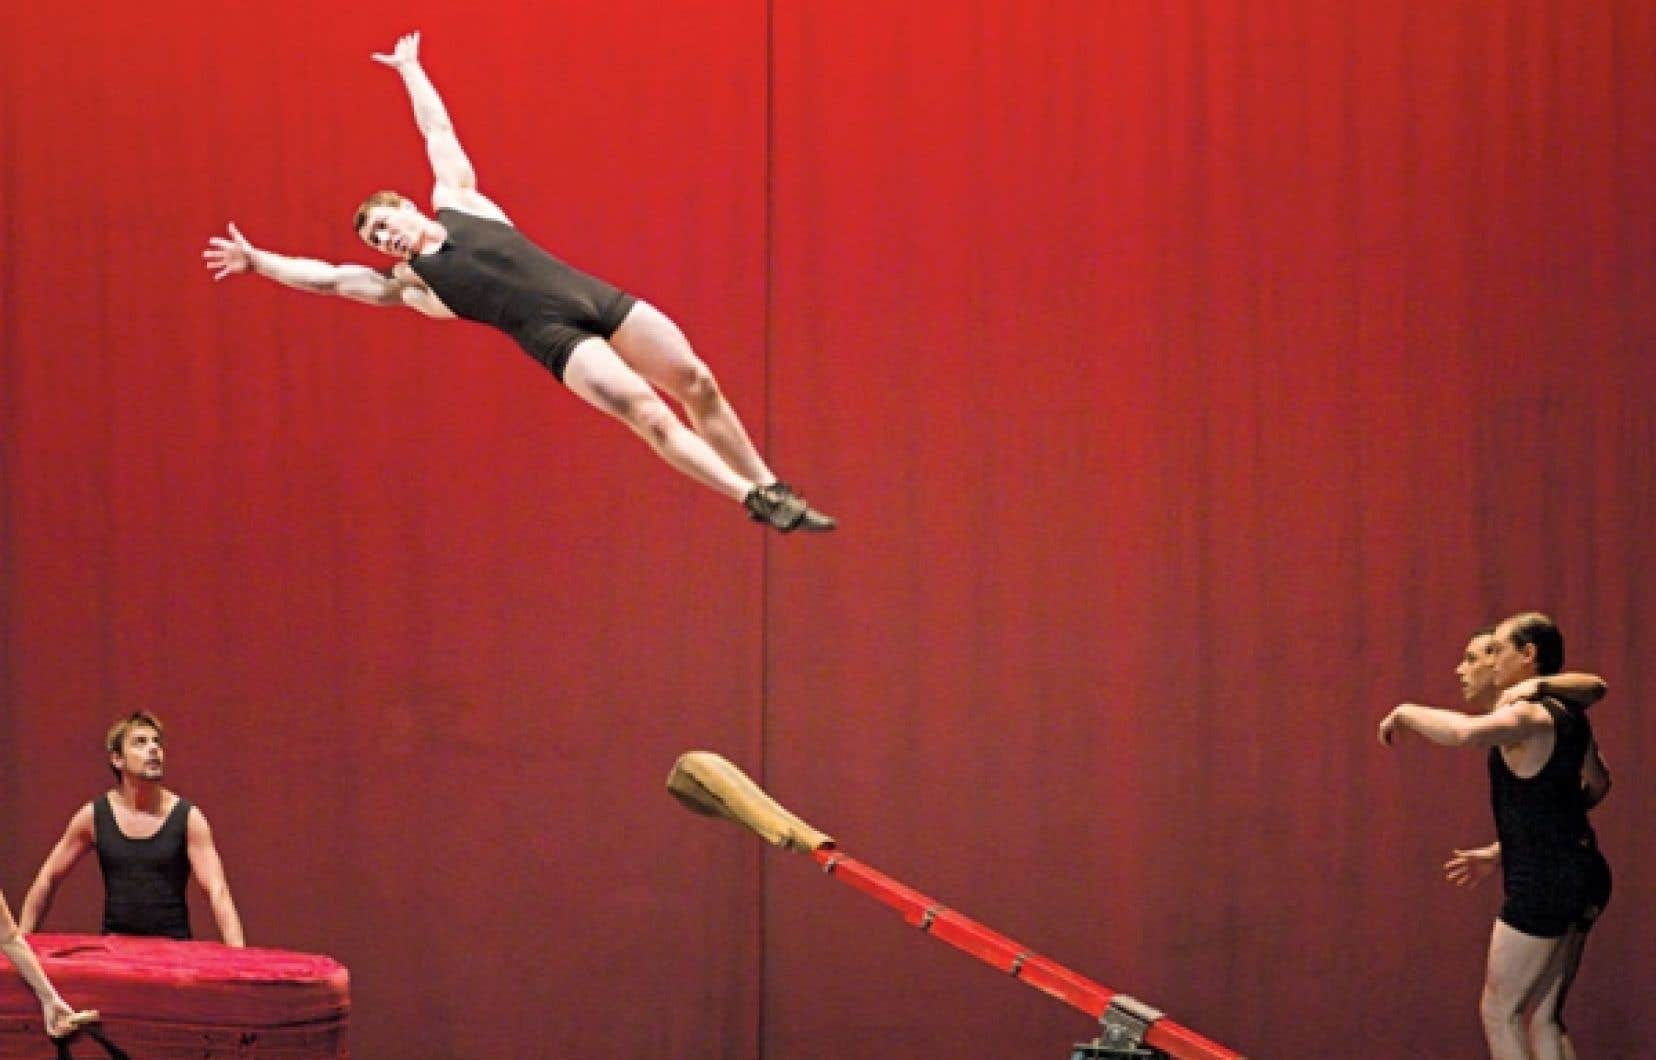 Créée en 2004, Rain est une production du cirque Éloize mise en scène par Daniele Finzi Pasca.